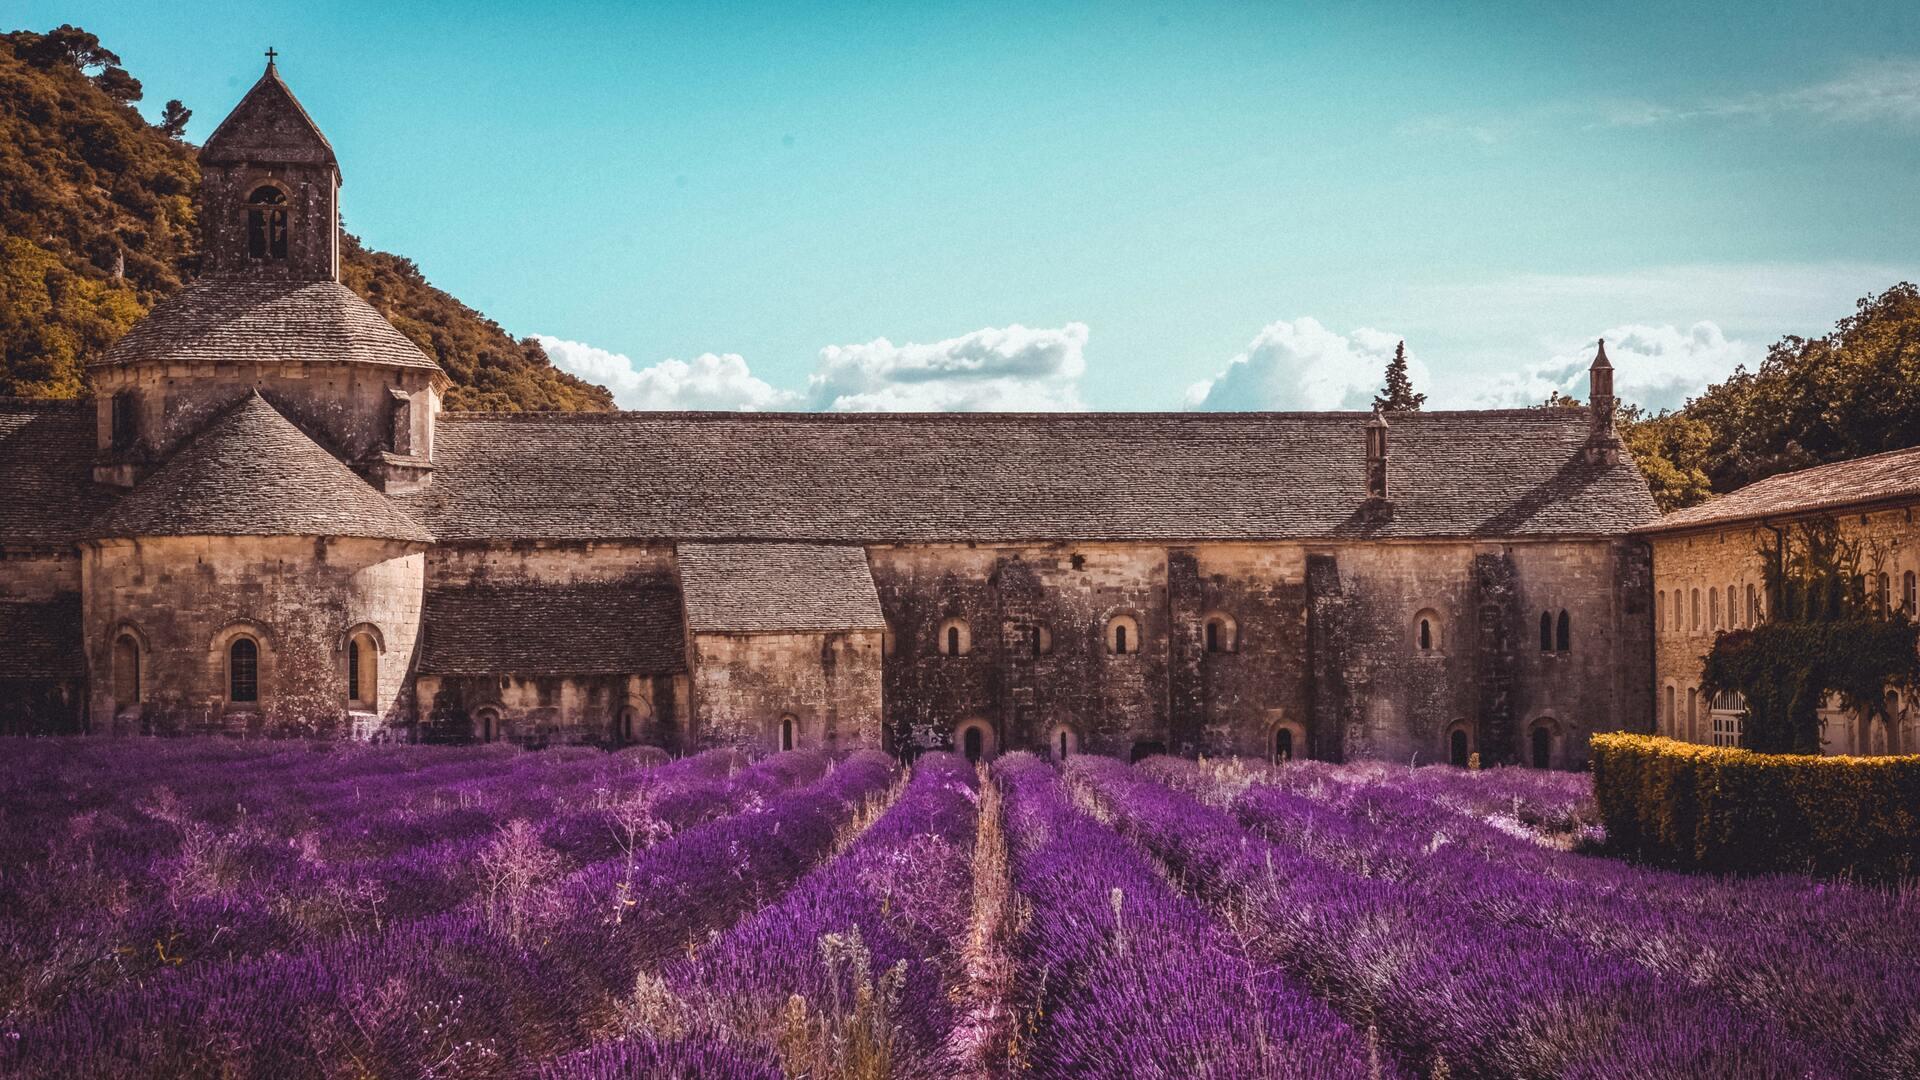 Lavande, Provence-Alp-Cote-d'Azur